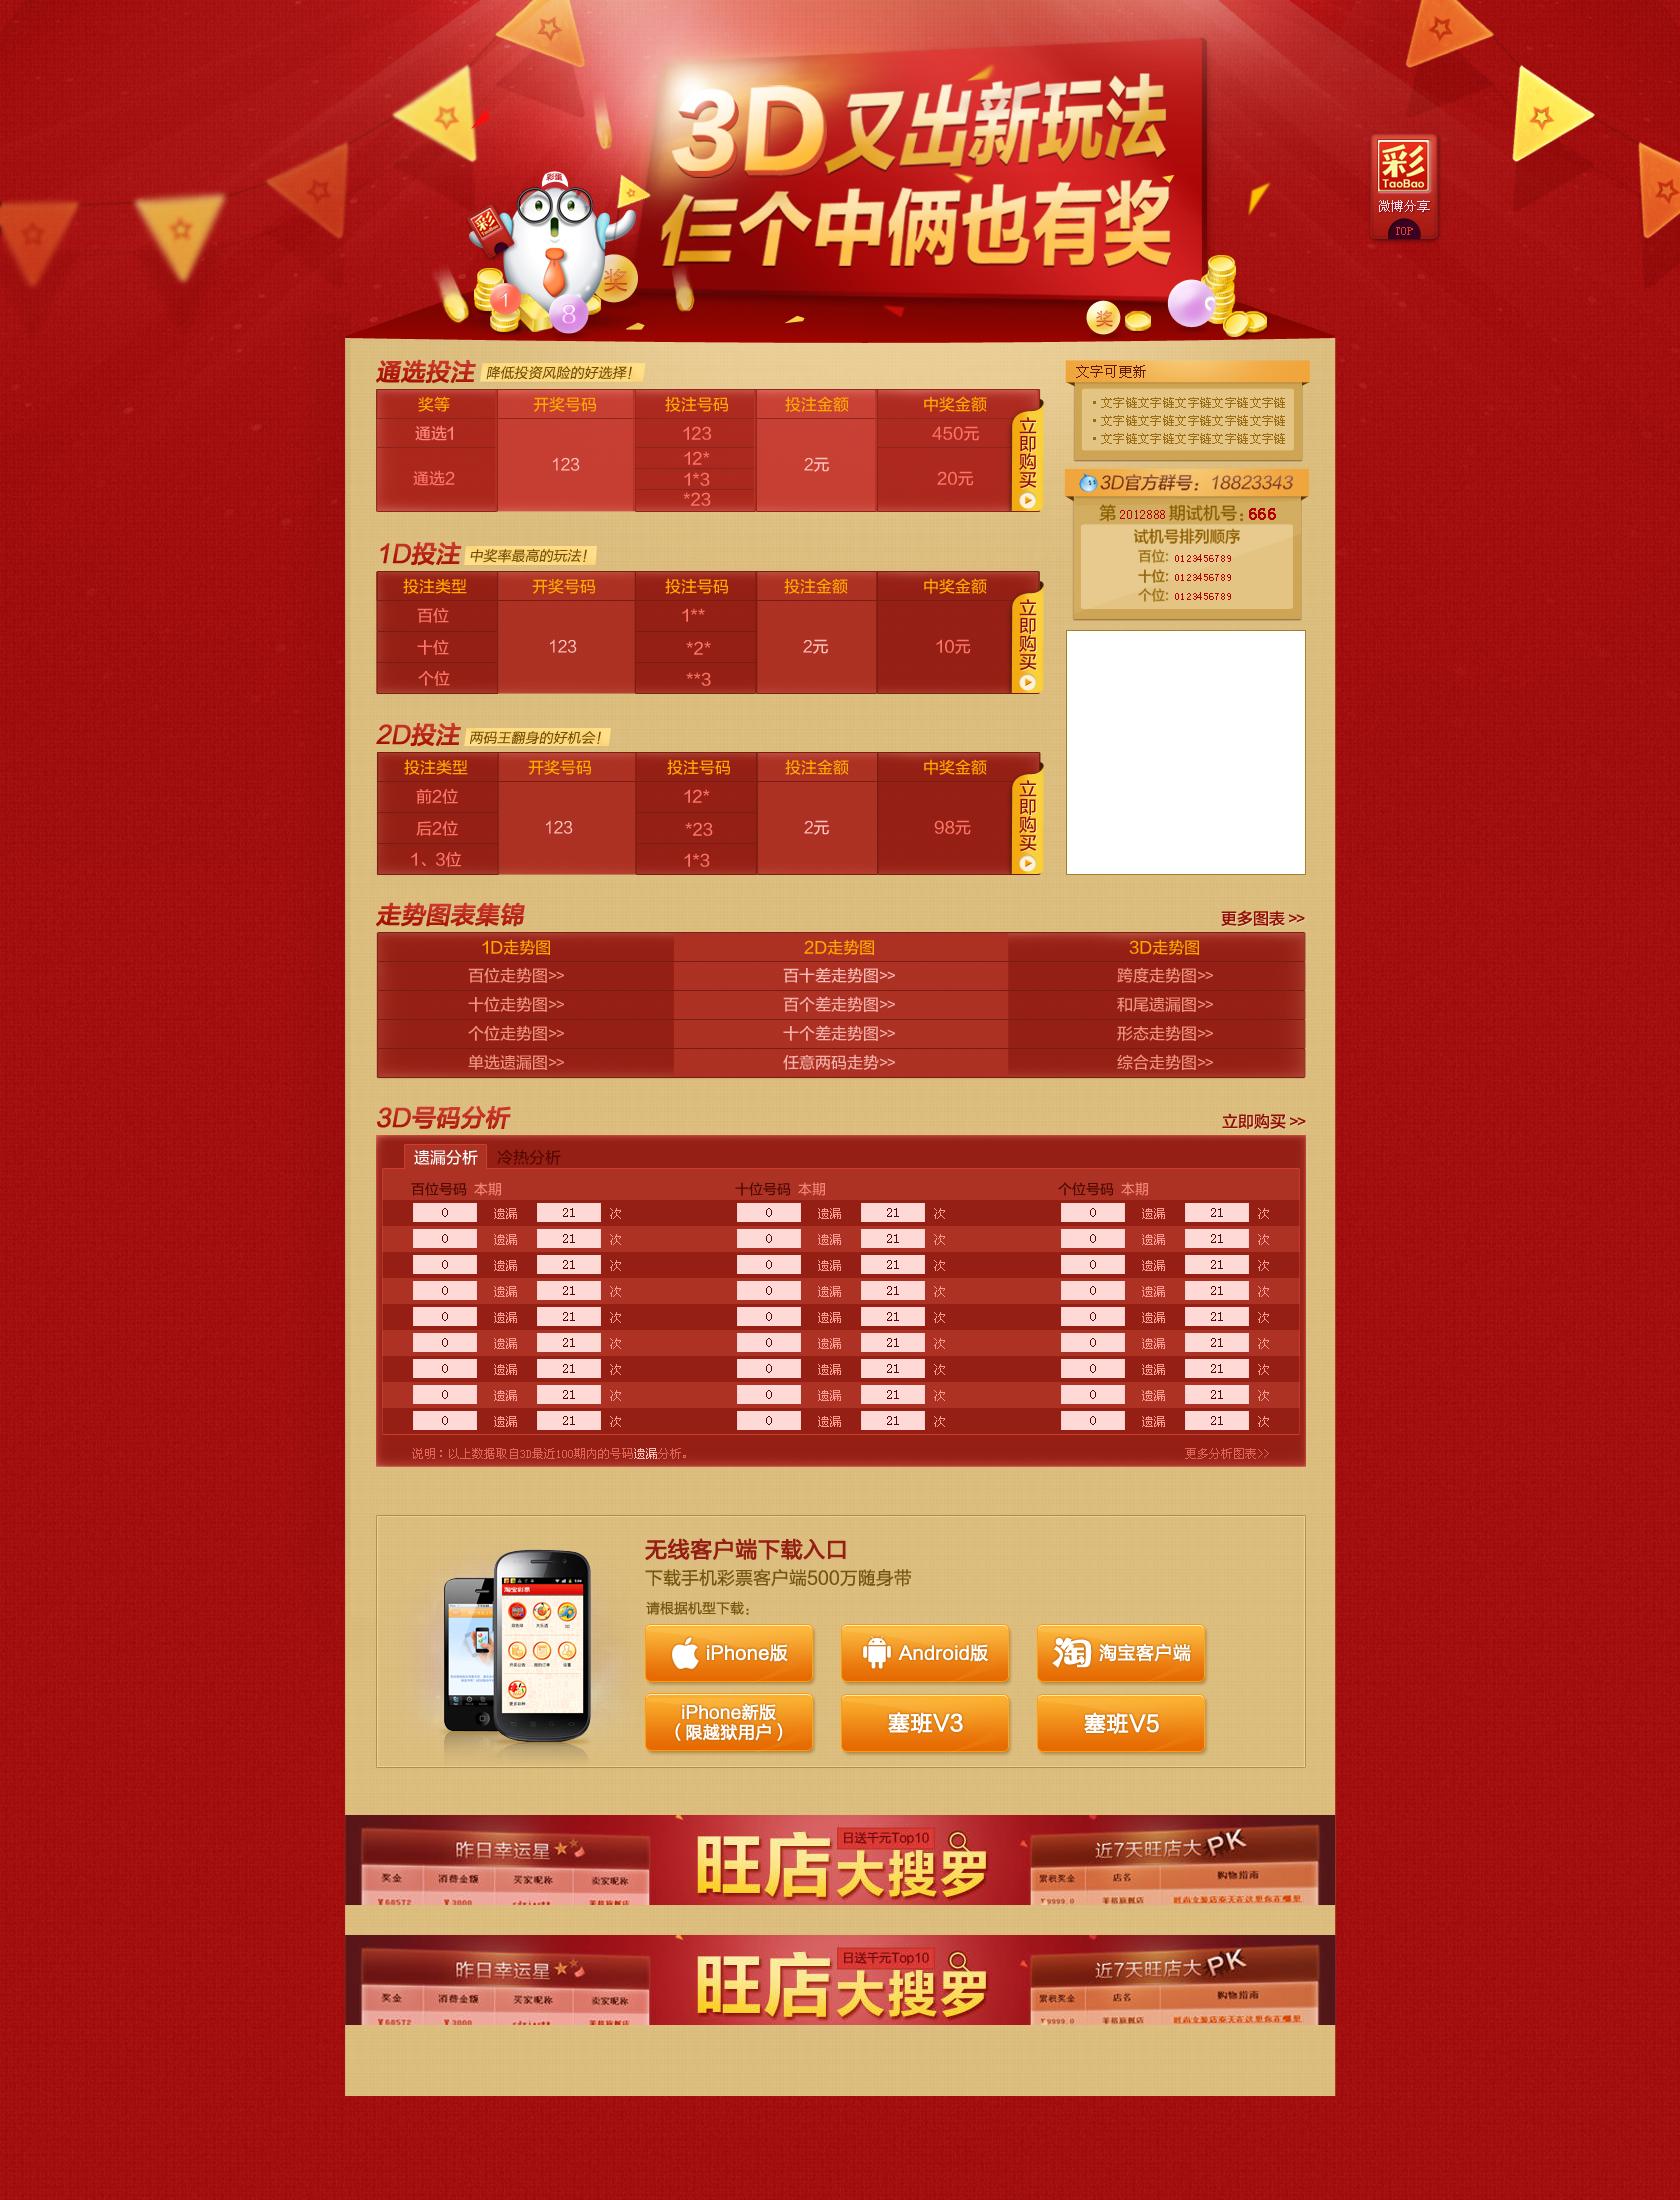 斗牛是一种新型的扑克玩法,其对局的模式以及优秀的人物秀深受玩家喜爱,游戏以欢乐豆为积分,获胜场次越多其游戏内的名气会越高!2017年全新上线【中国体育竞彩网页】互动交流网站,唯一官方出品,提供在线真人,时时彩有官方网站,时时彩,双色球,大乐透,北京单场,竞彩足球,胜负彩,世界杯冠.